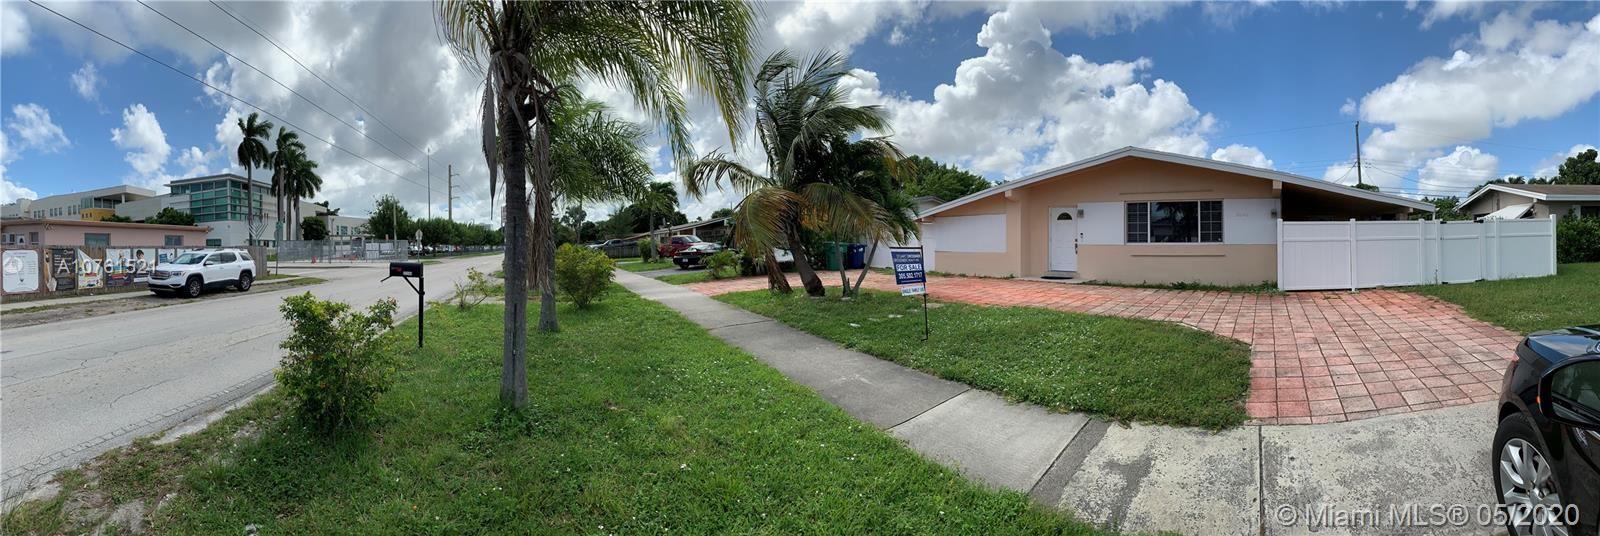 21140 NE 26th Ave, Miami, FL 33180 - MLS#: A10761521